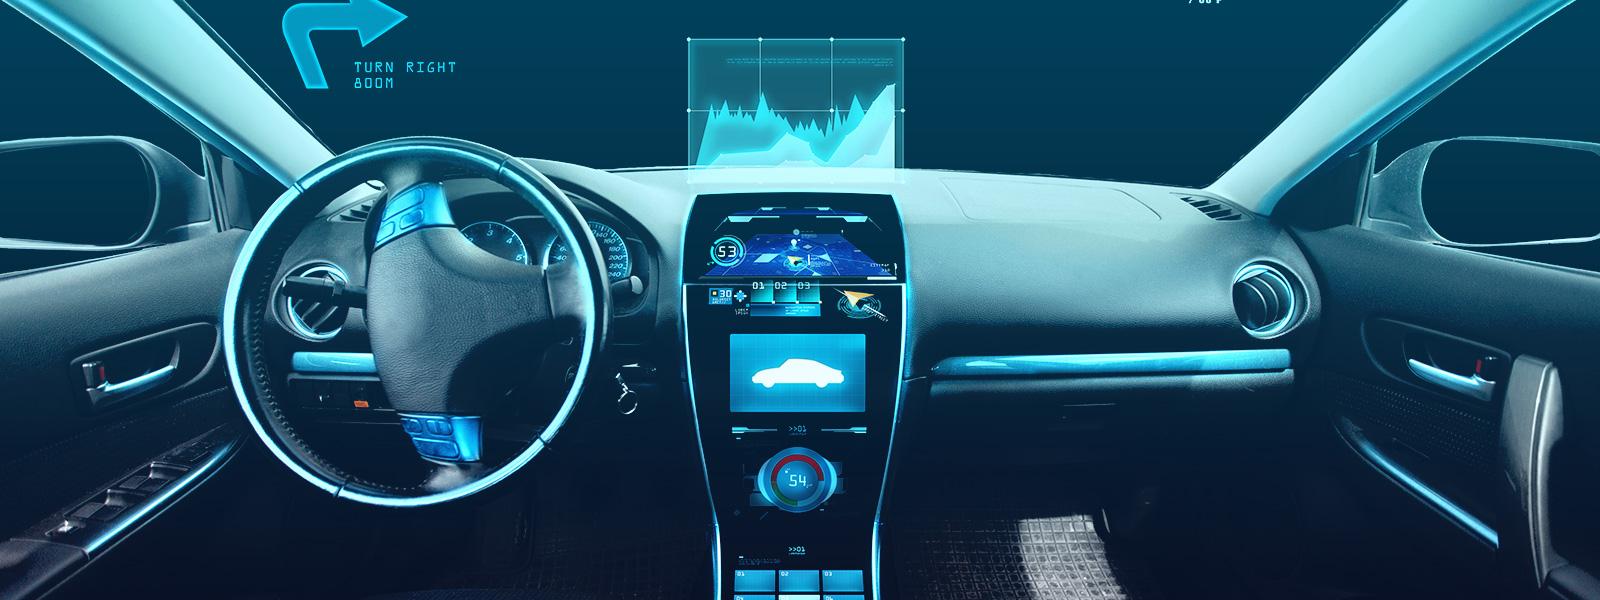 blog-ceabs-registrado-primeiro-acidente-carro-autonomo-google